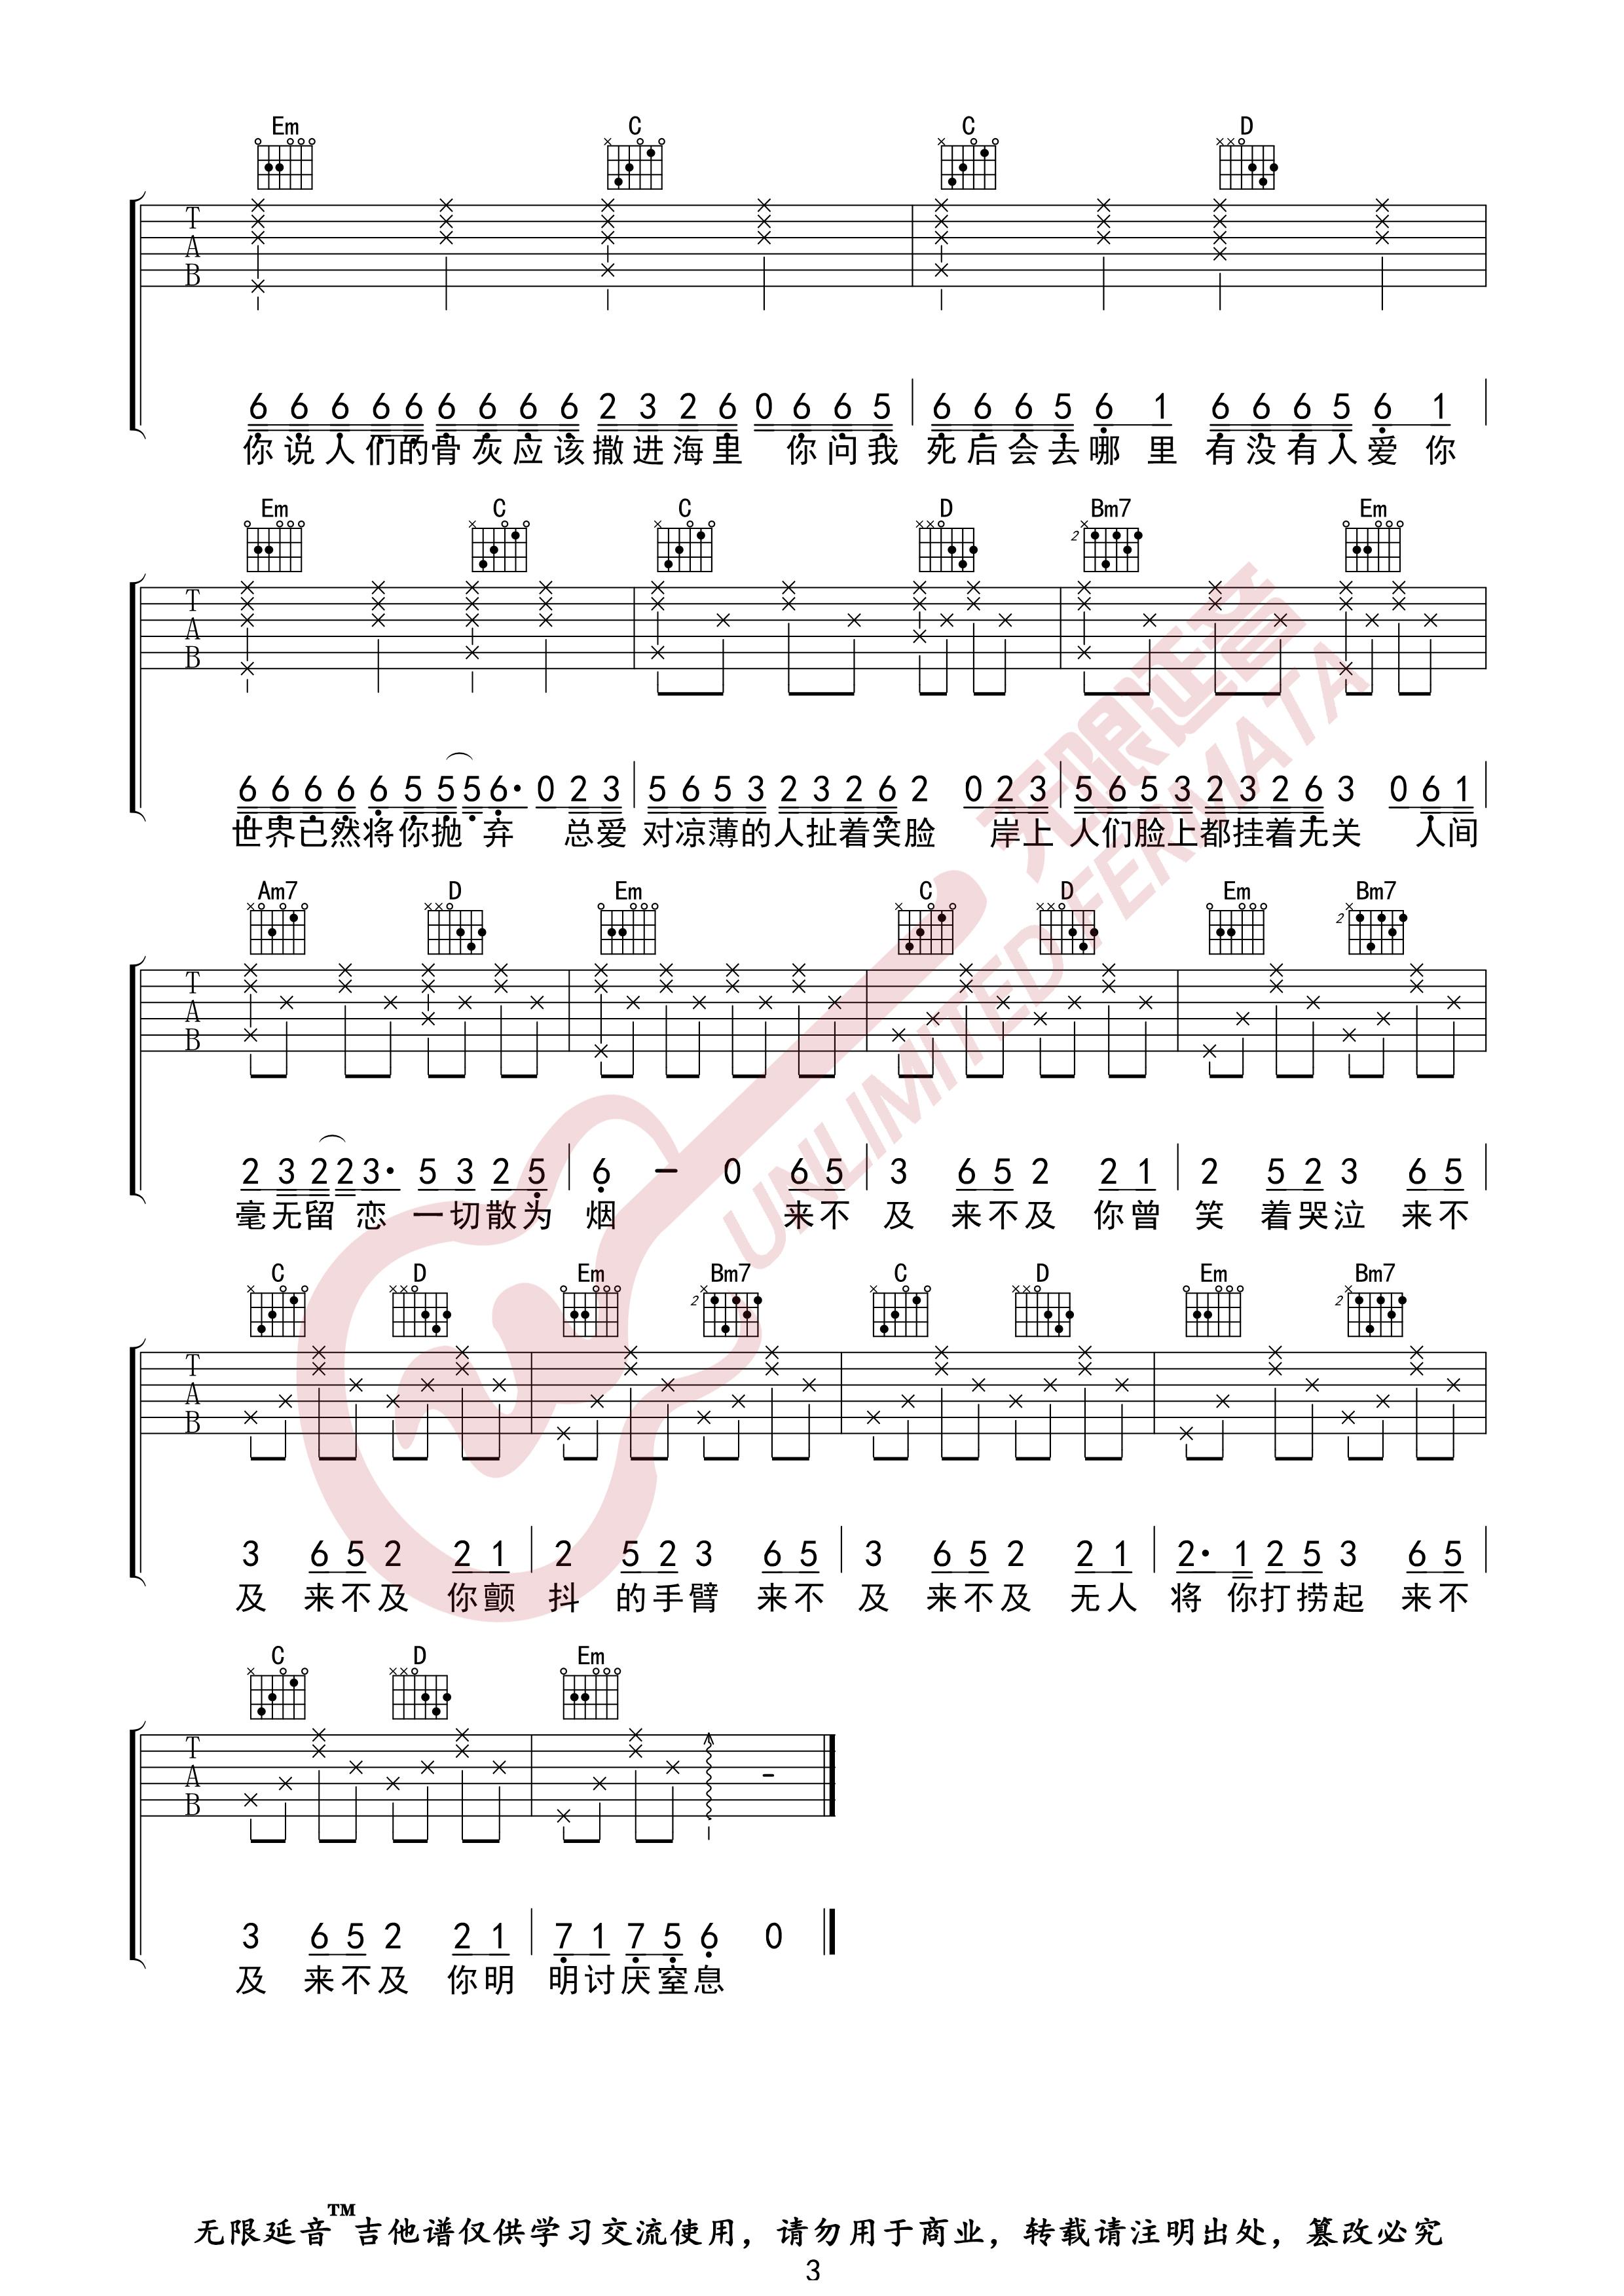 海底(无限延音编配)吉他谱(图片谱,一只榴莲,海底,吉他谱)_一只榴莲_海底03.jpg